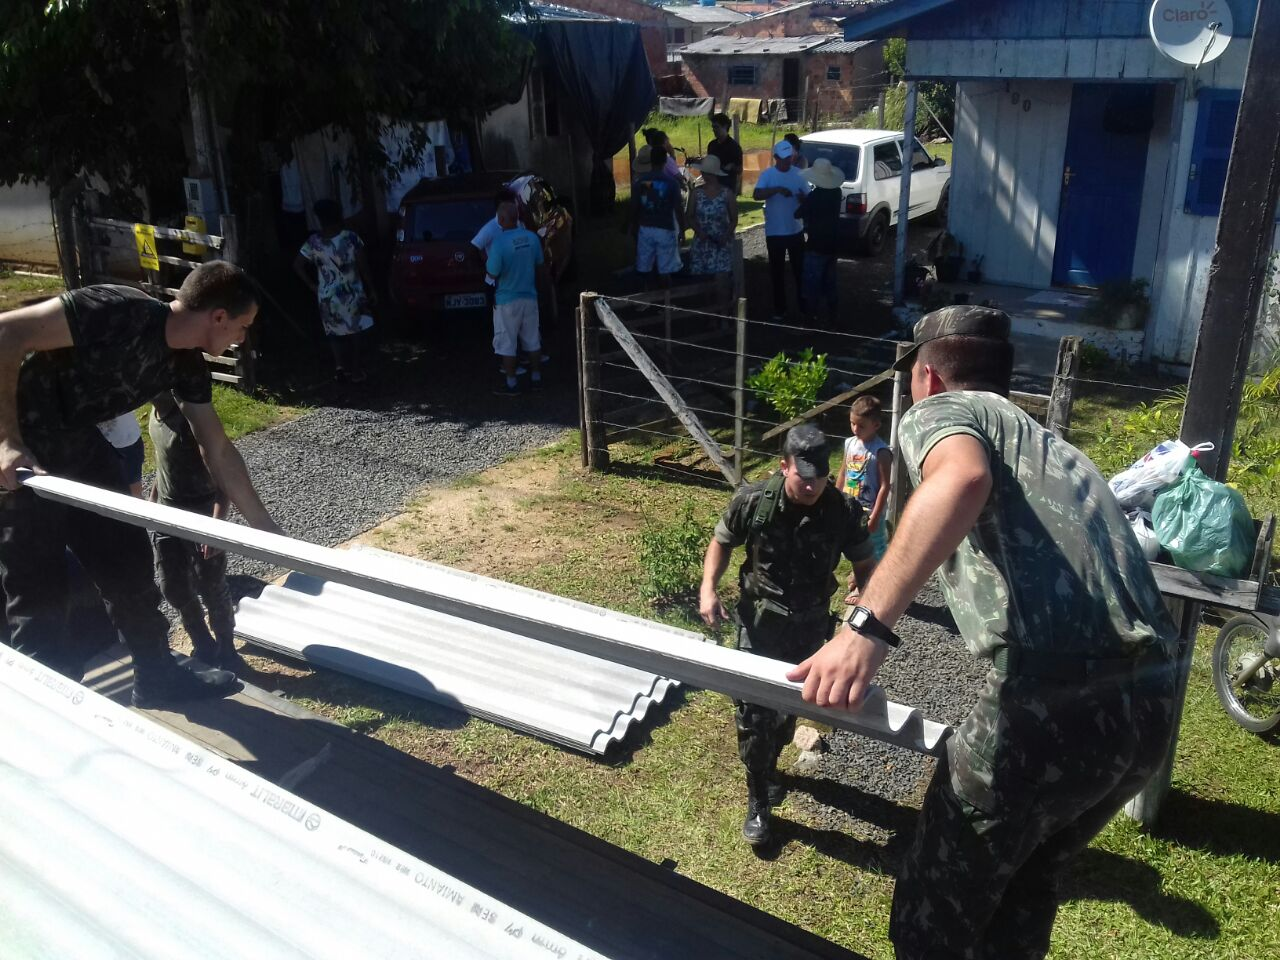 Prefeitura Municipal de Criciúma - Após decreto de emergência, Prefeitura distribui mais de 2,2 mil telhas